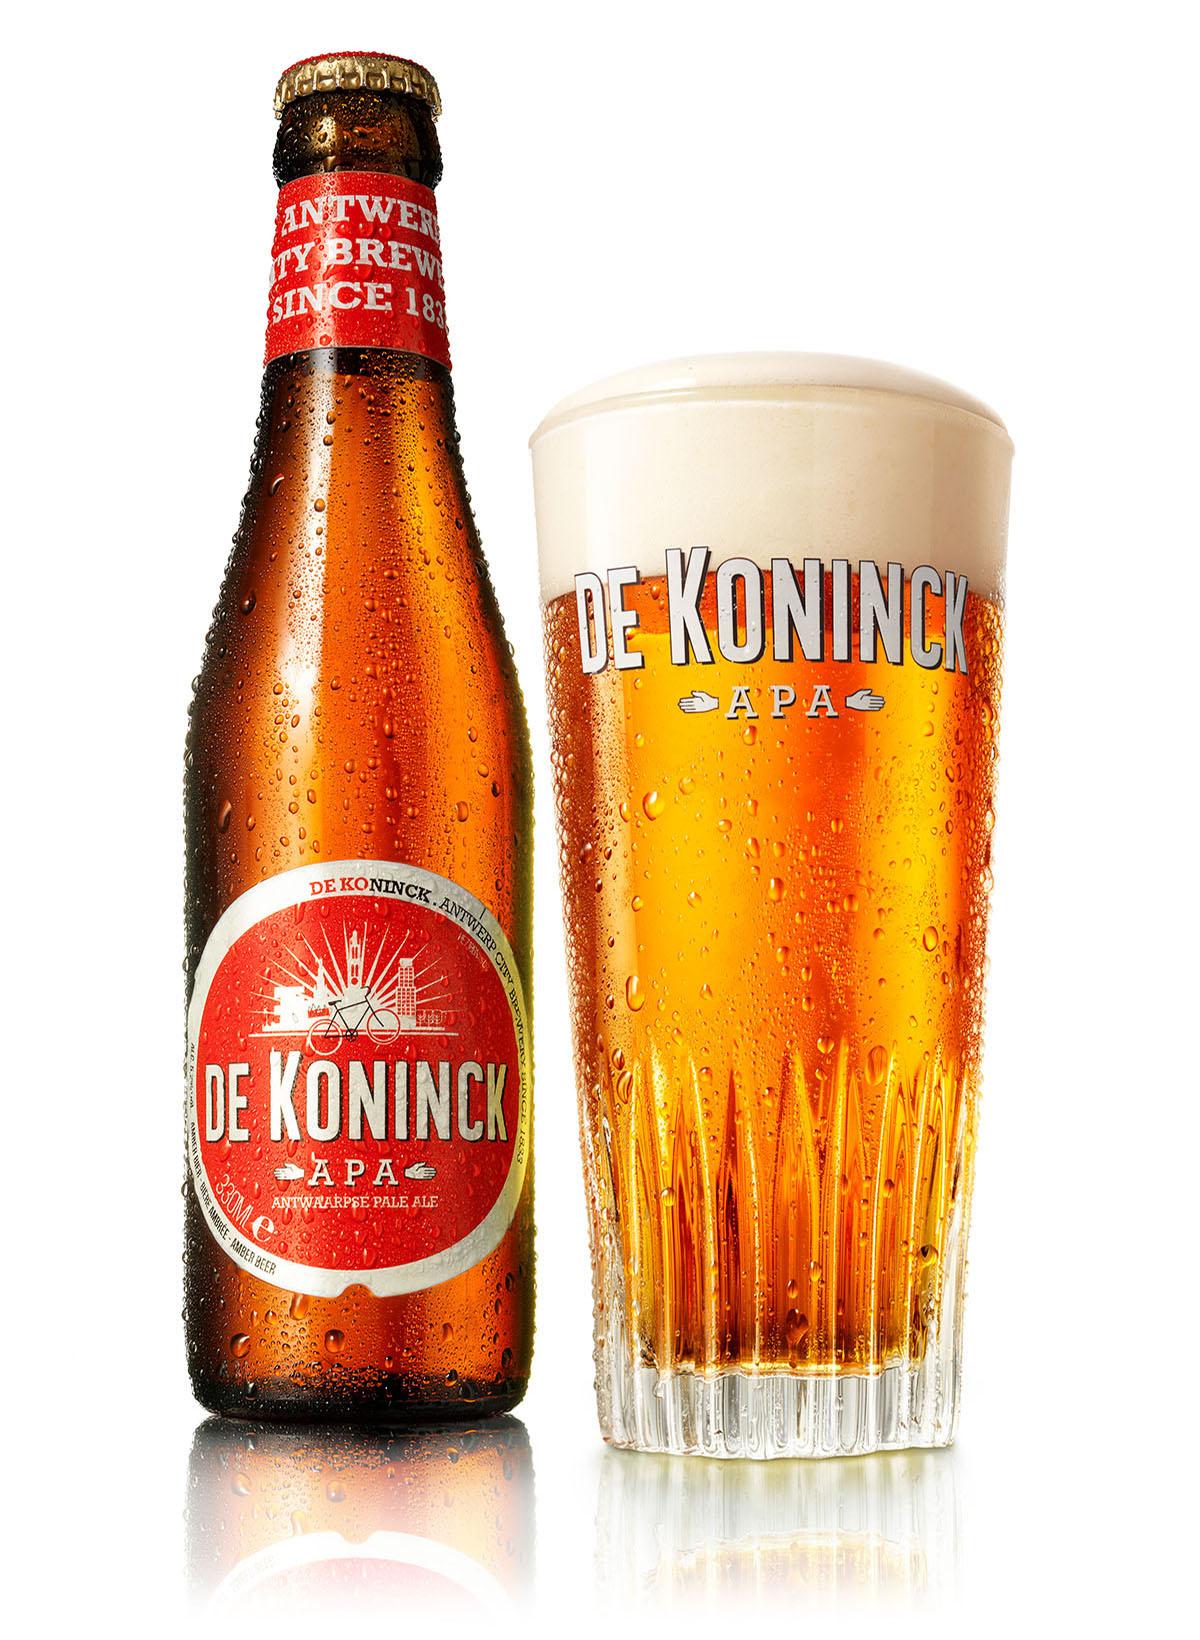 Packshots fotografie van een fles en een glas De Koninck bier gemaakt door Studio_m Fotografie Amsterdam